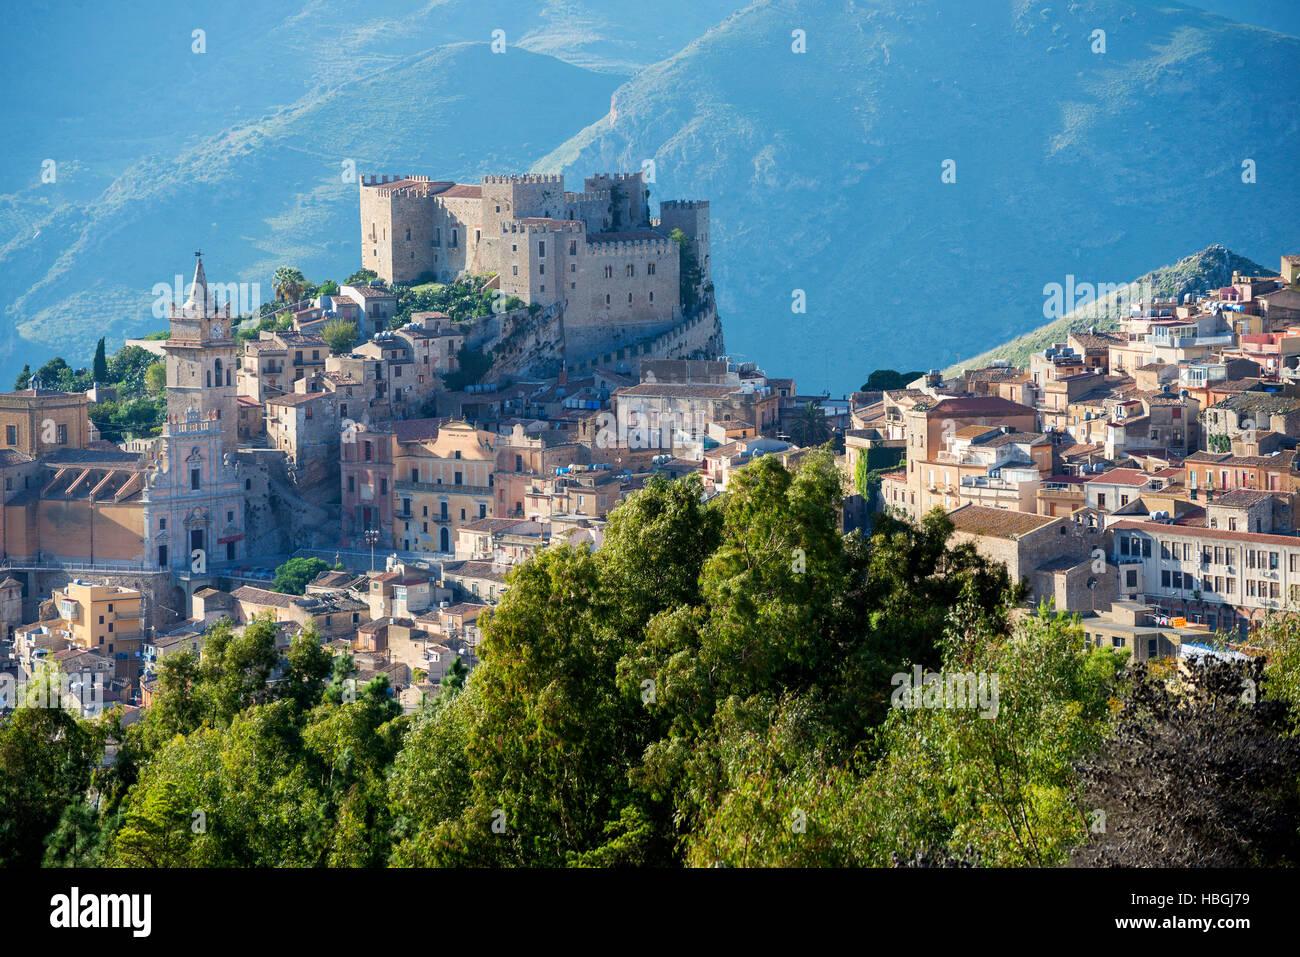 Il Castello di Caccamo, Caccamo, Sicilia Immagini Stock